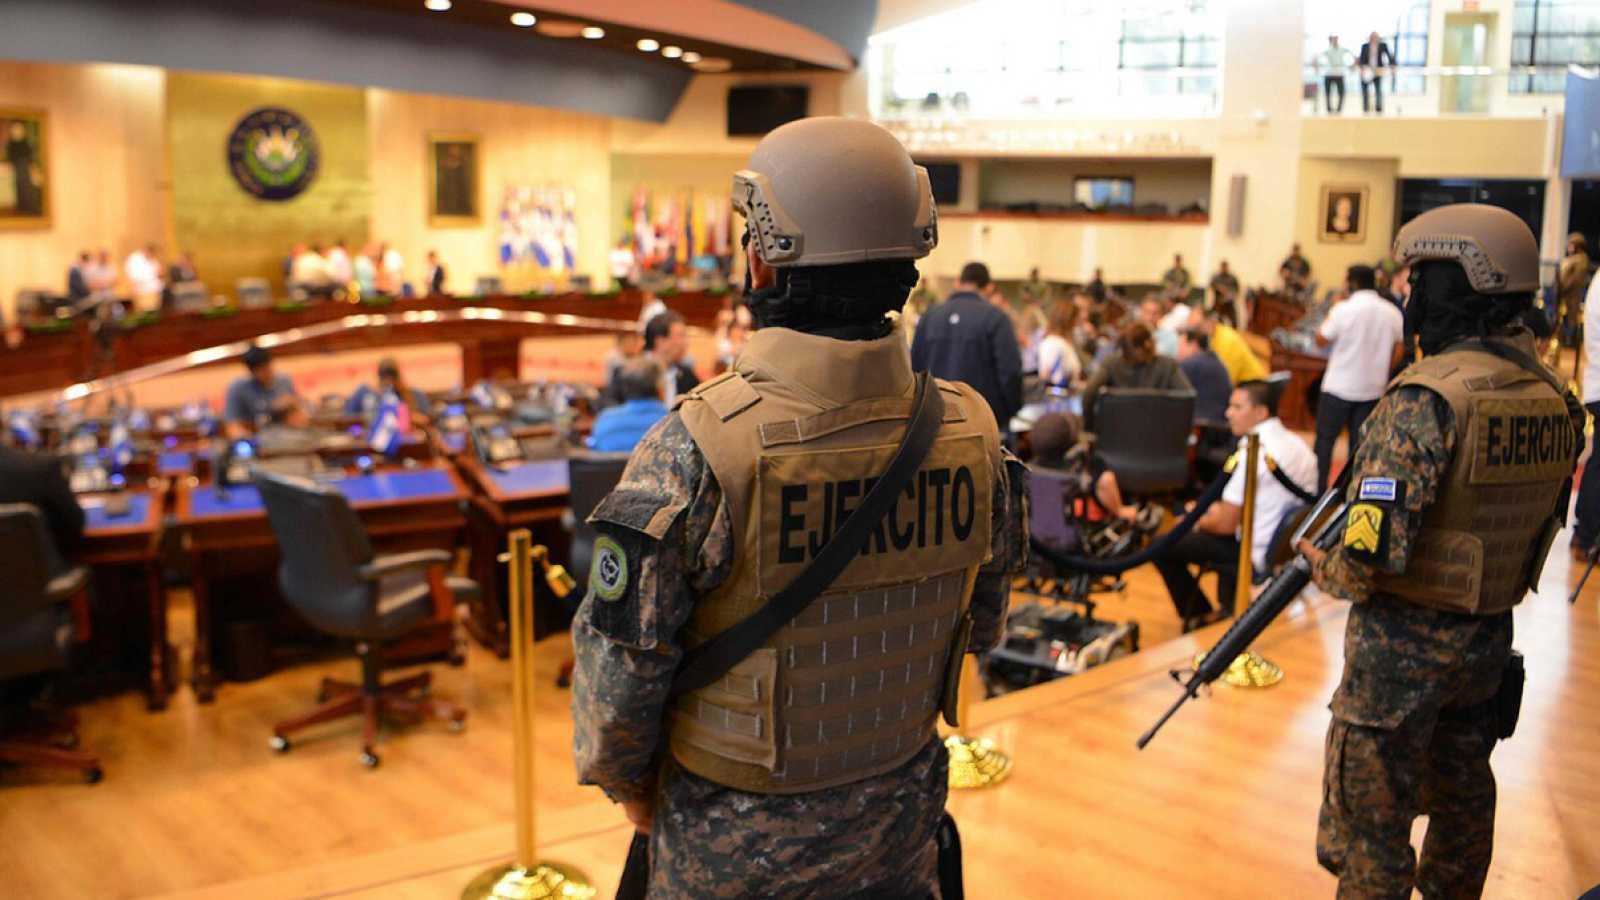 El presidente de El Salvador utiliza a los militares para amenazar al Congreso y provoca una crisis institucional